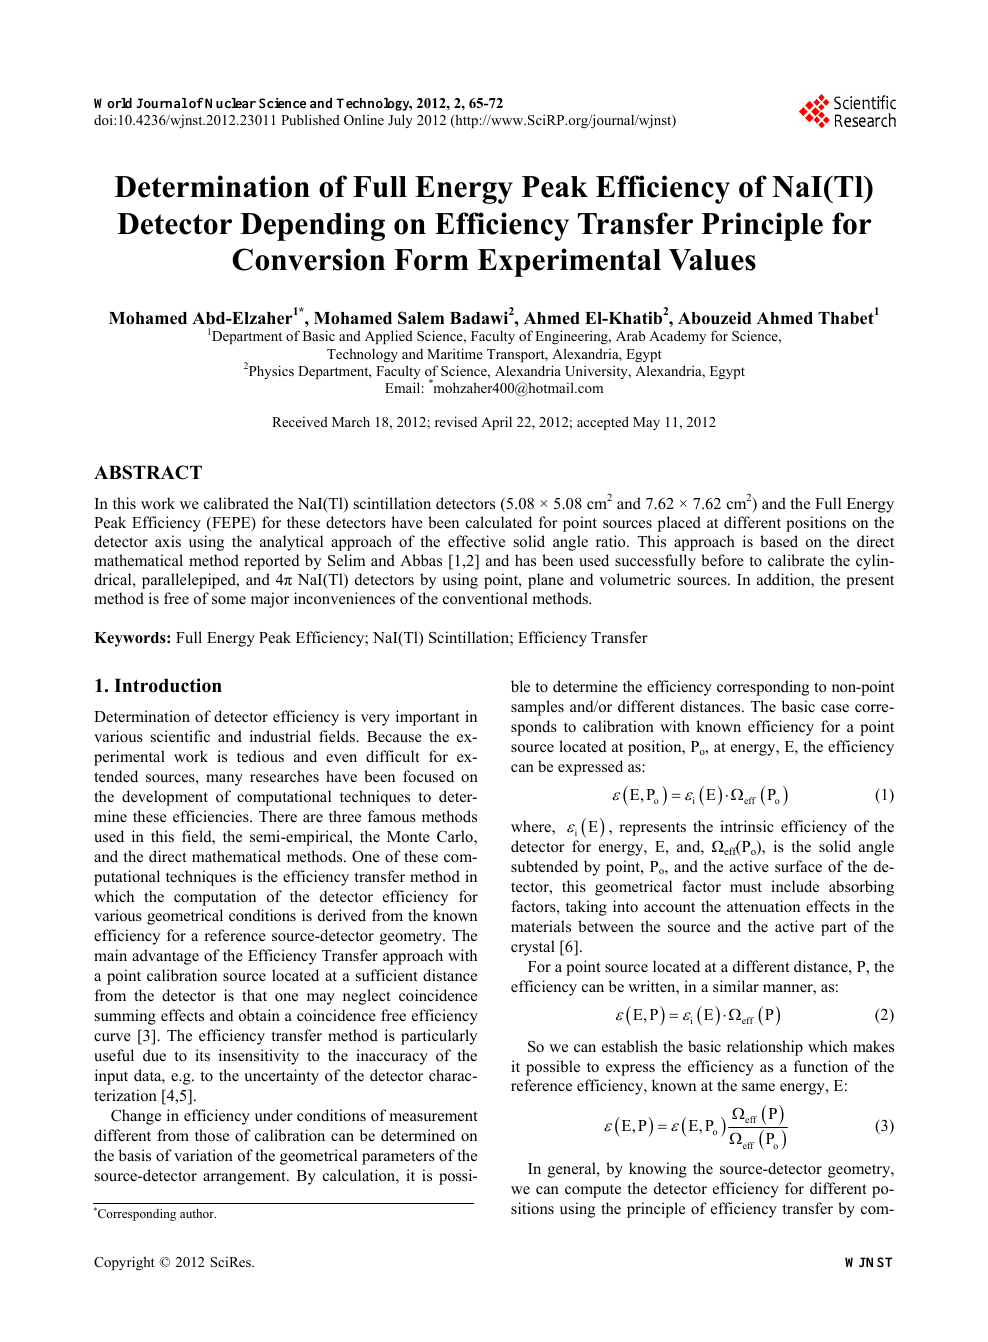 Determination of Full Energy Peak Efficiency of NaI(Tl) Detector